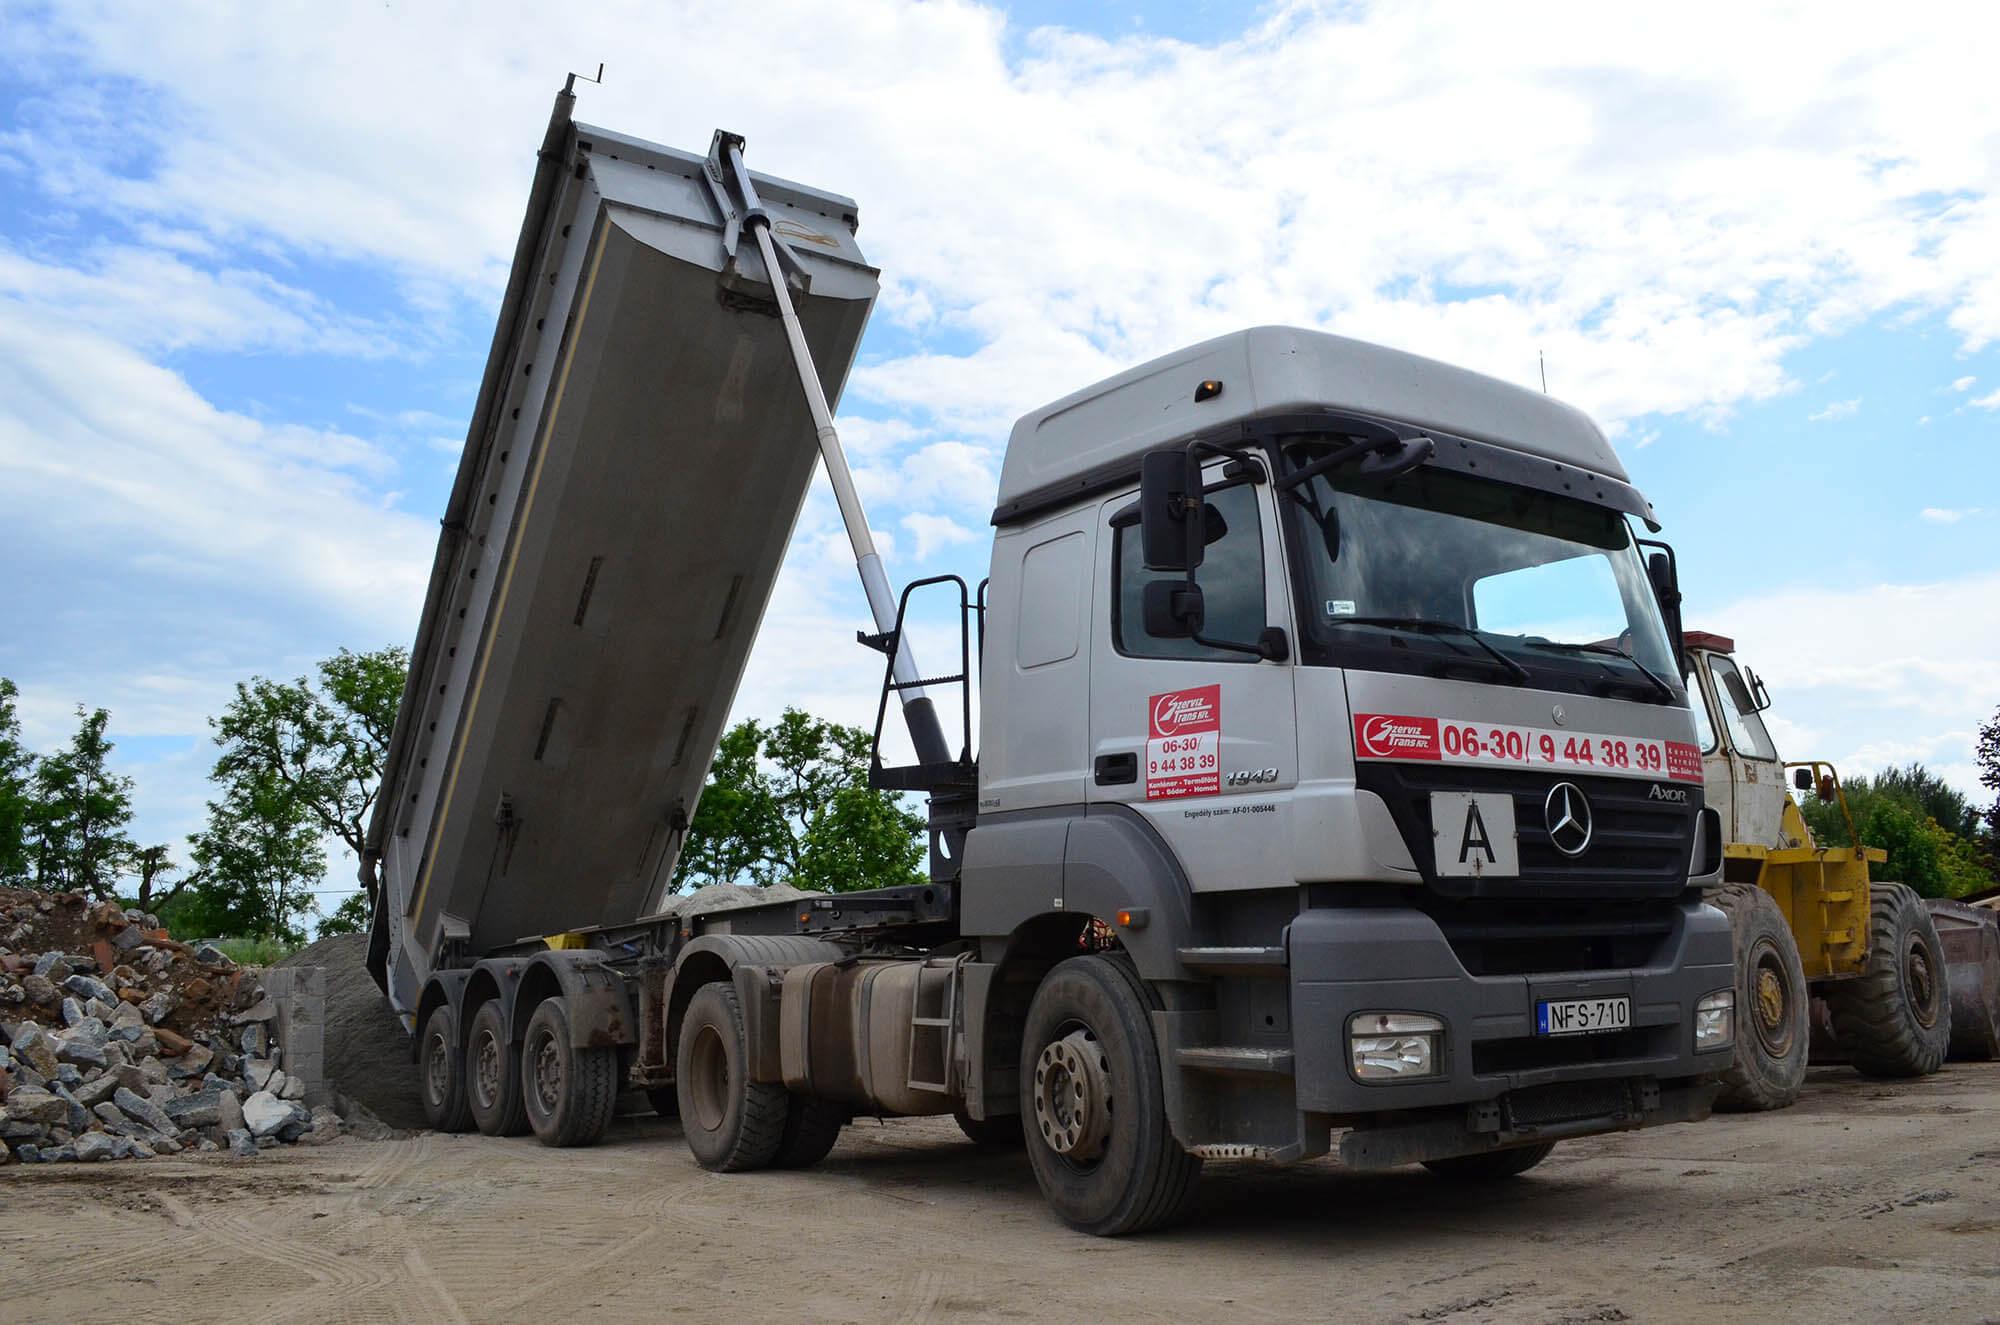 termőföld szállítás homokszállítás sóderszállítás Budapest